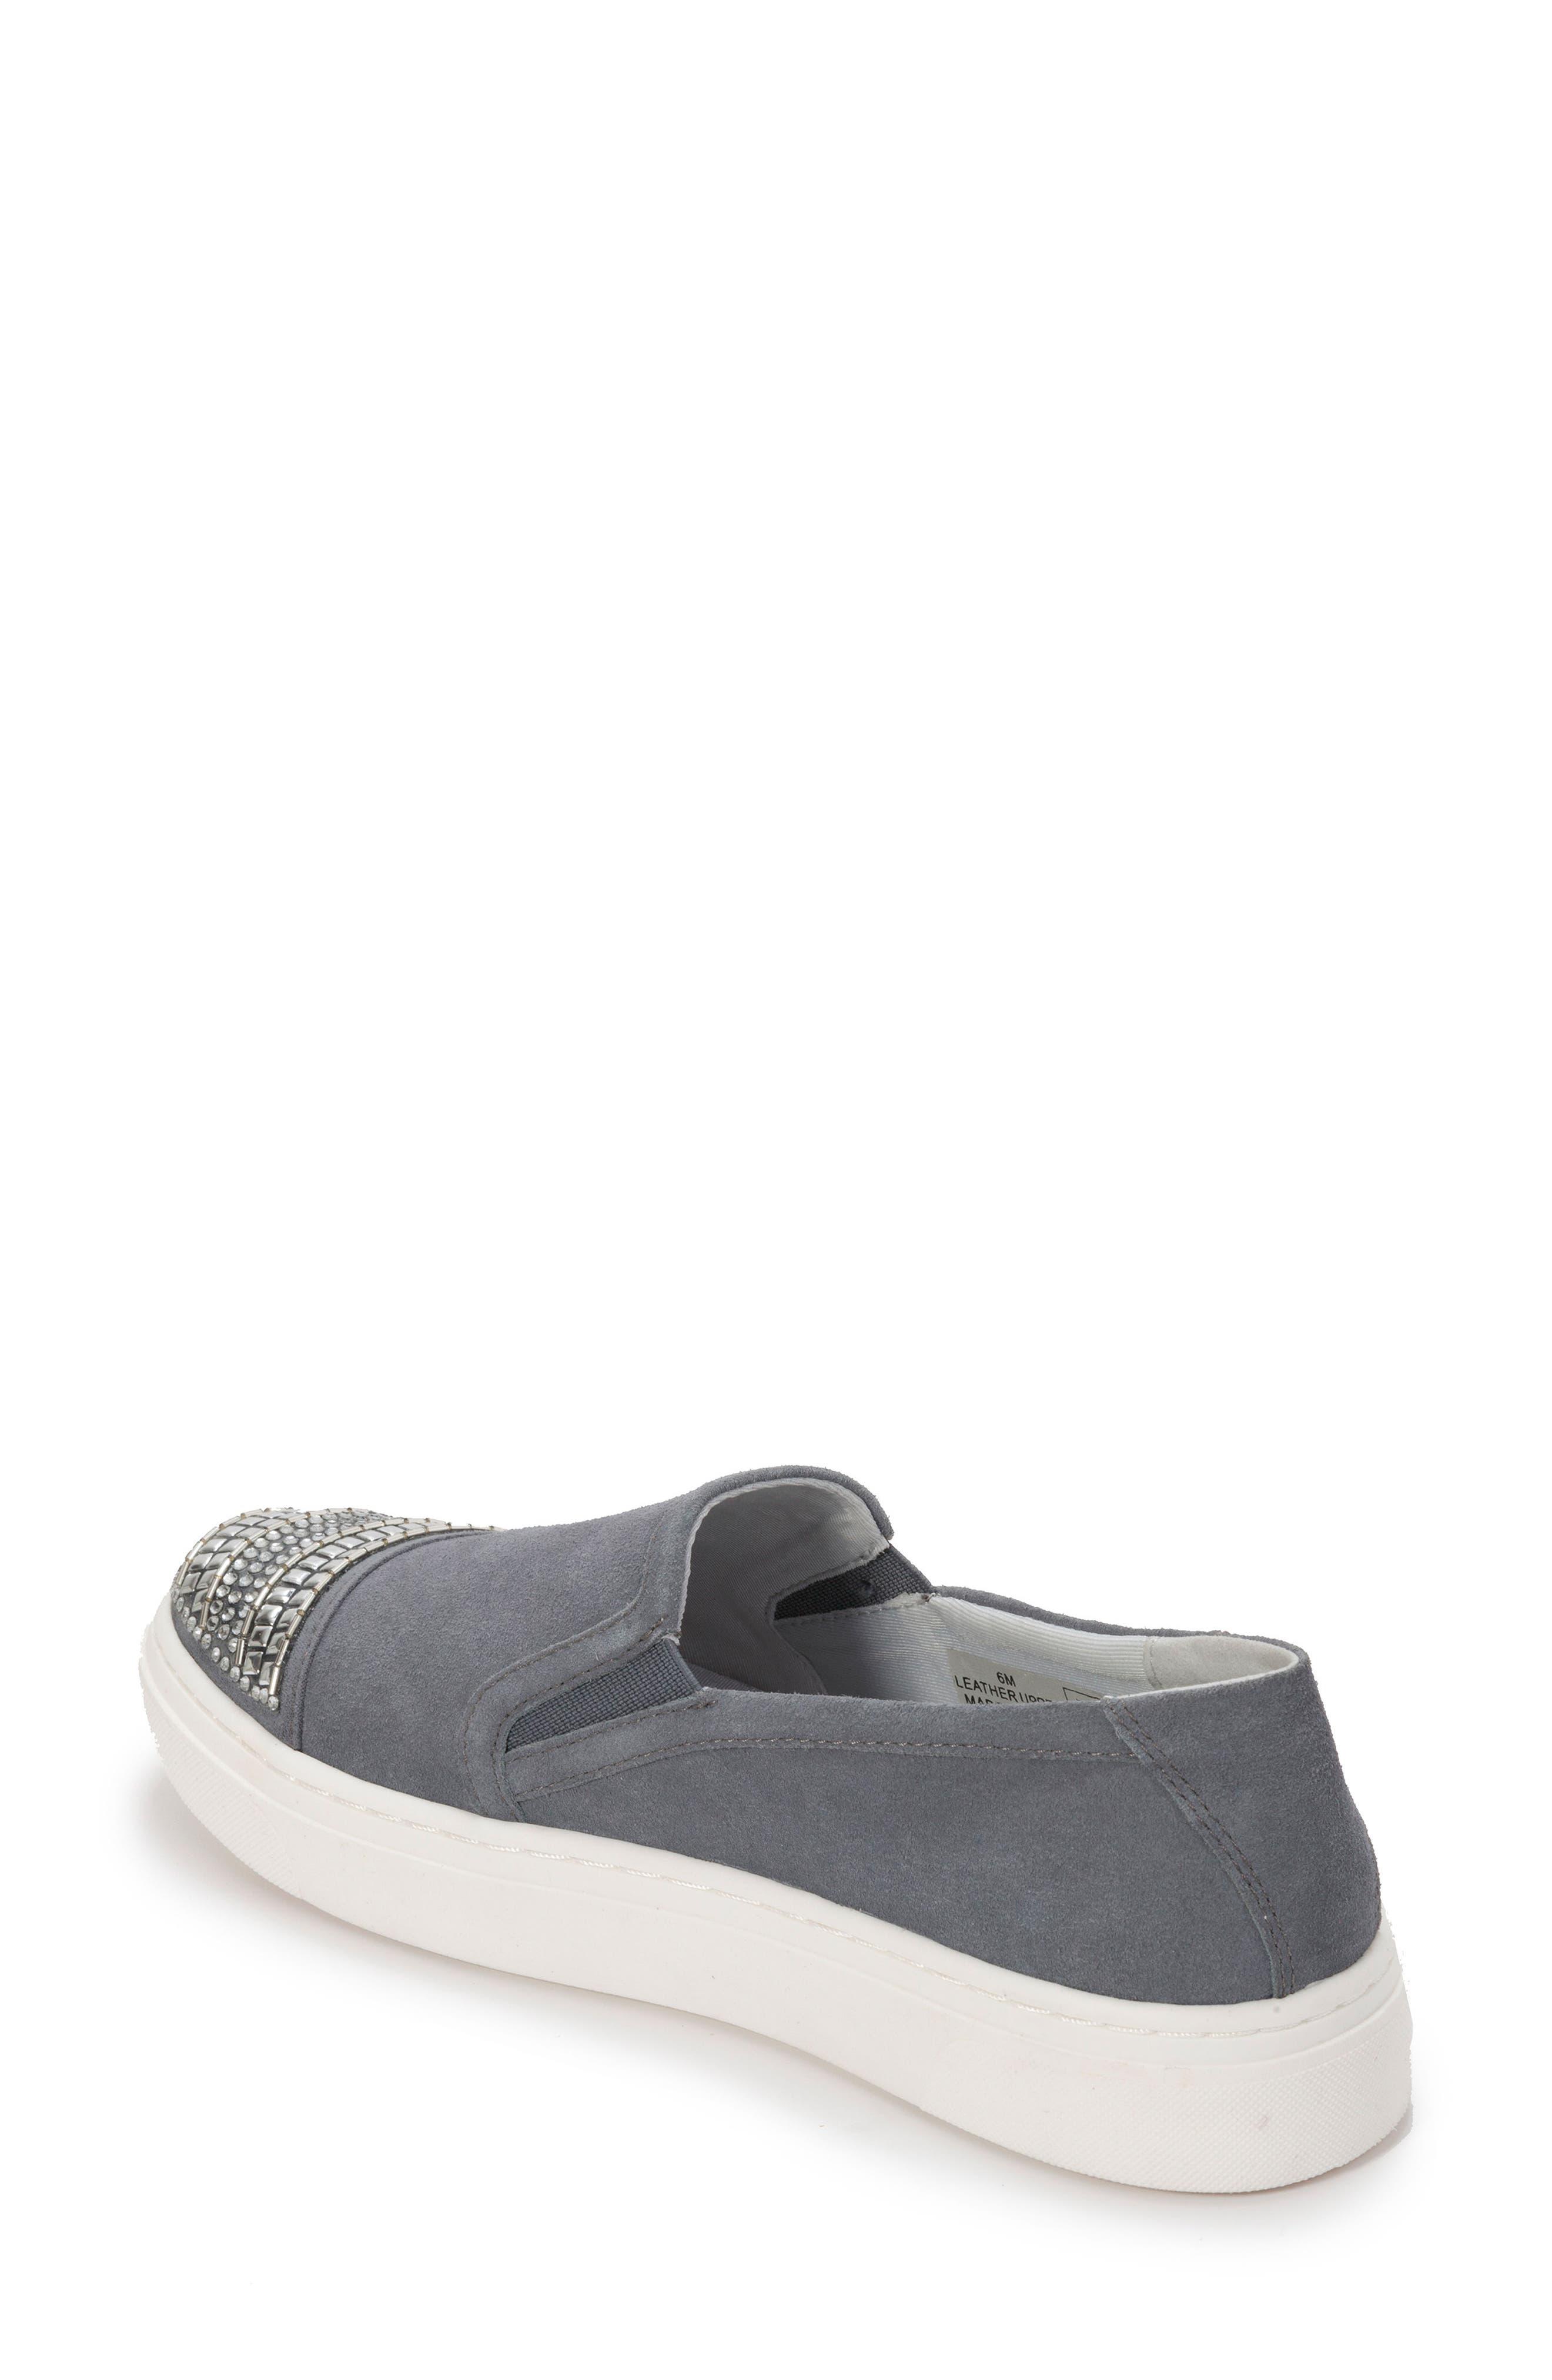 ce901a5095 Women s Shoes Sale